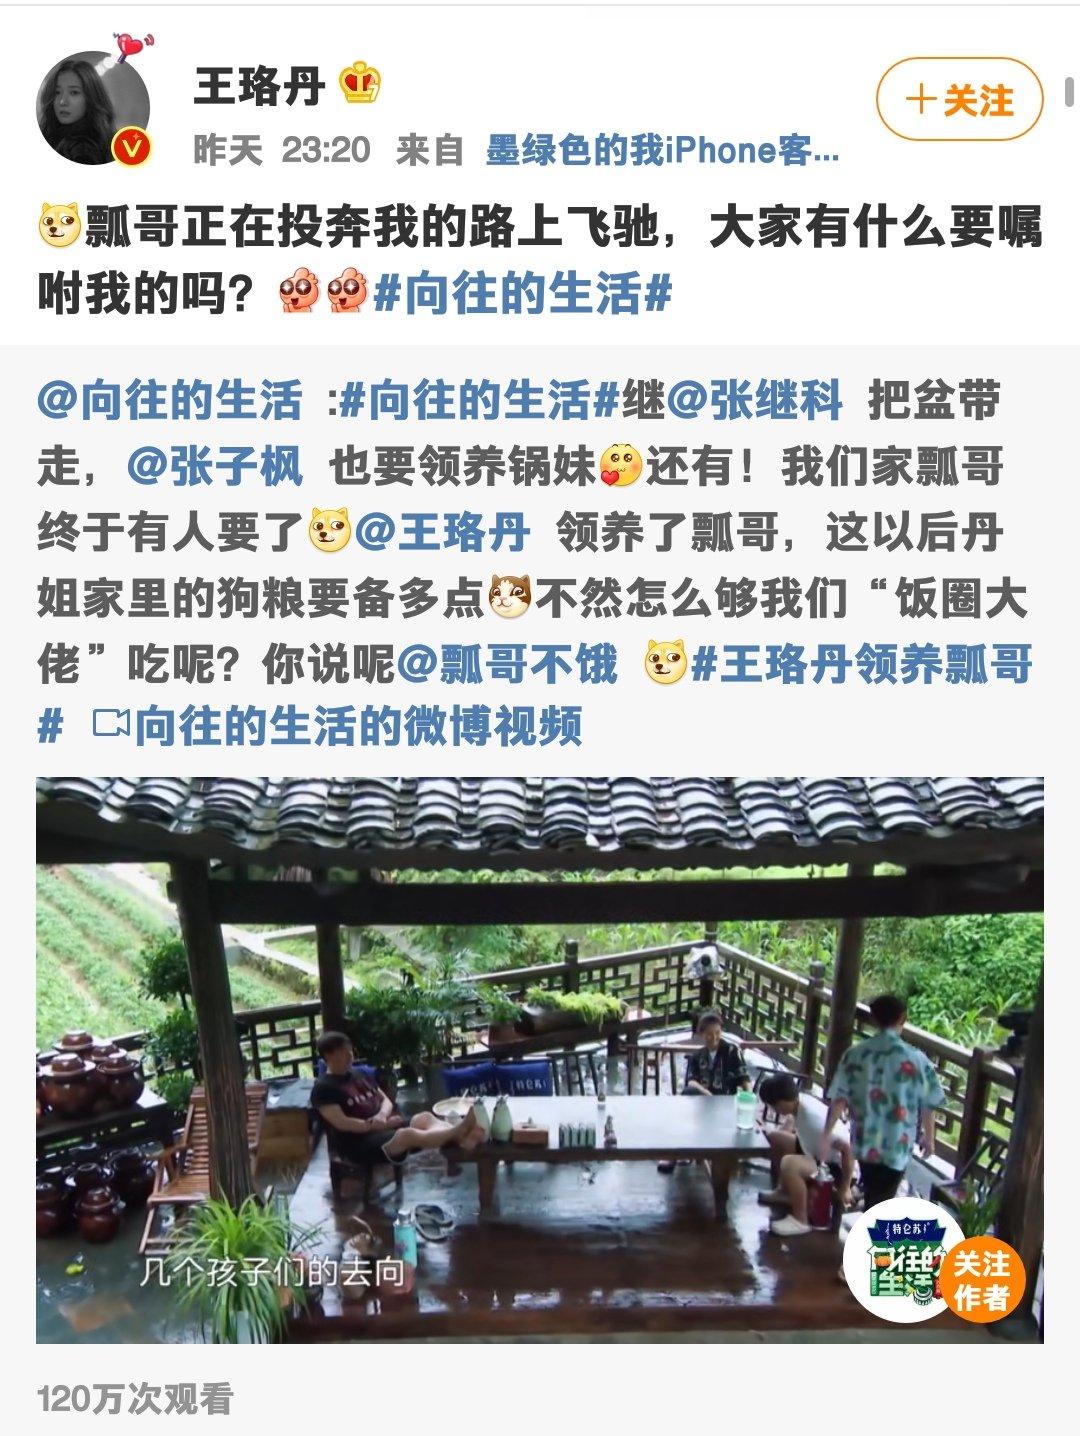 东方og视讯app